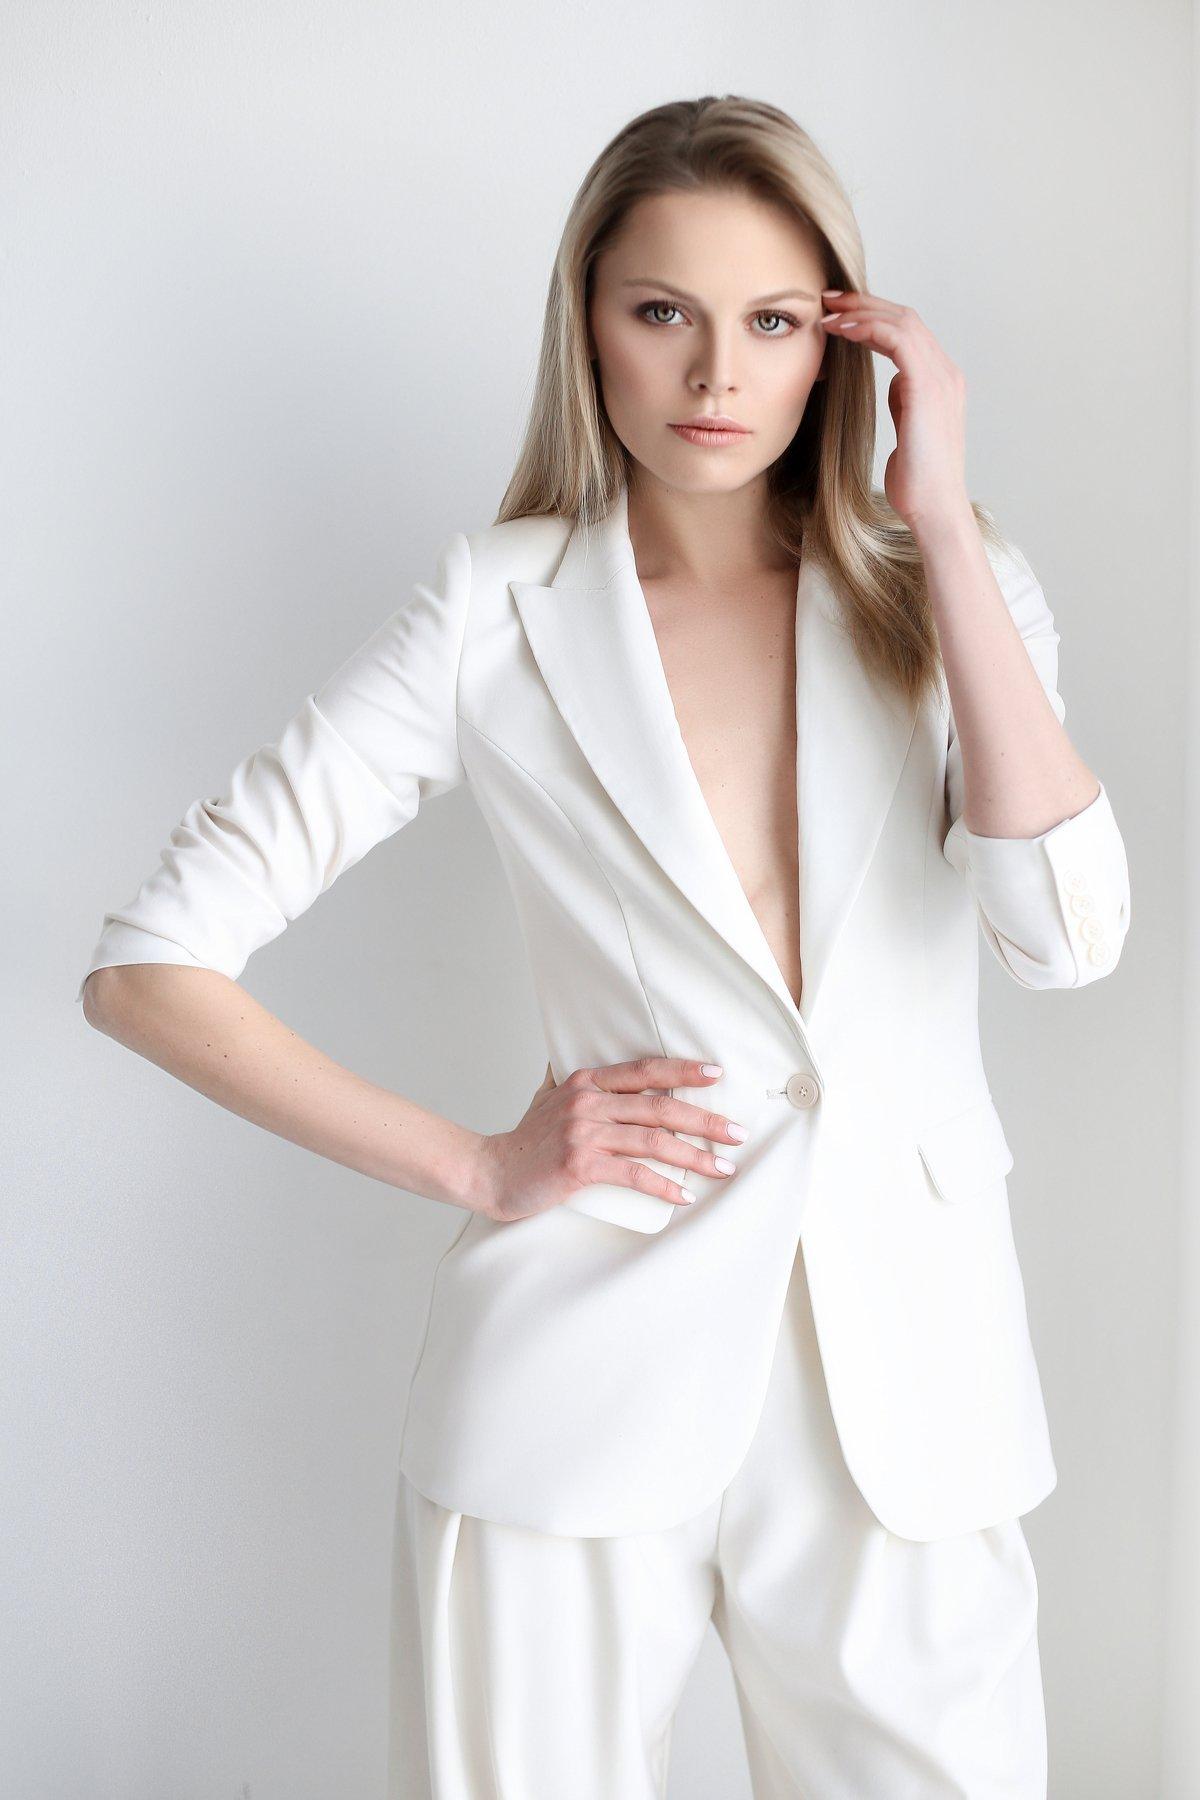 девушка модель арт art портрет бьюти красота актриса, Баринова Аполлинария